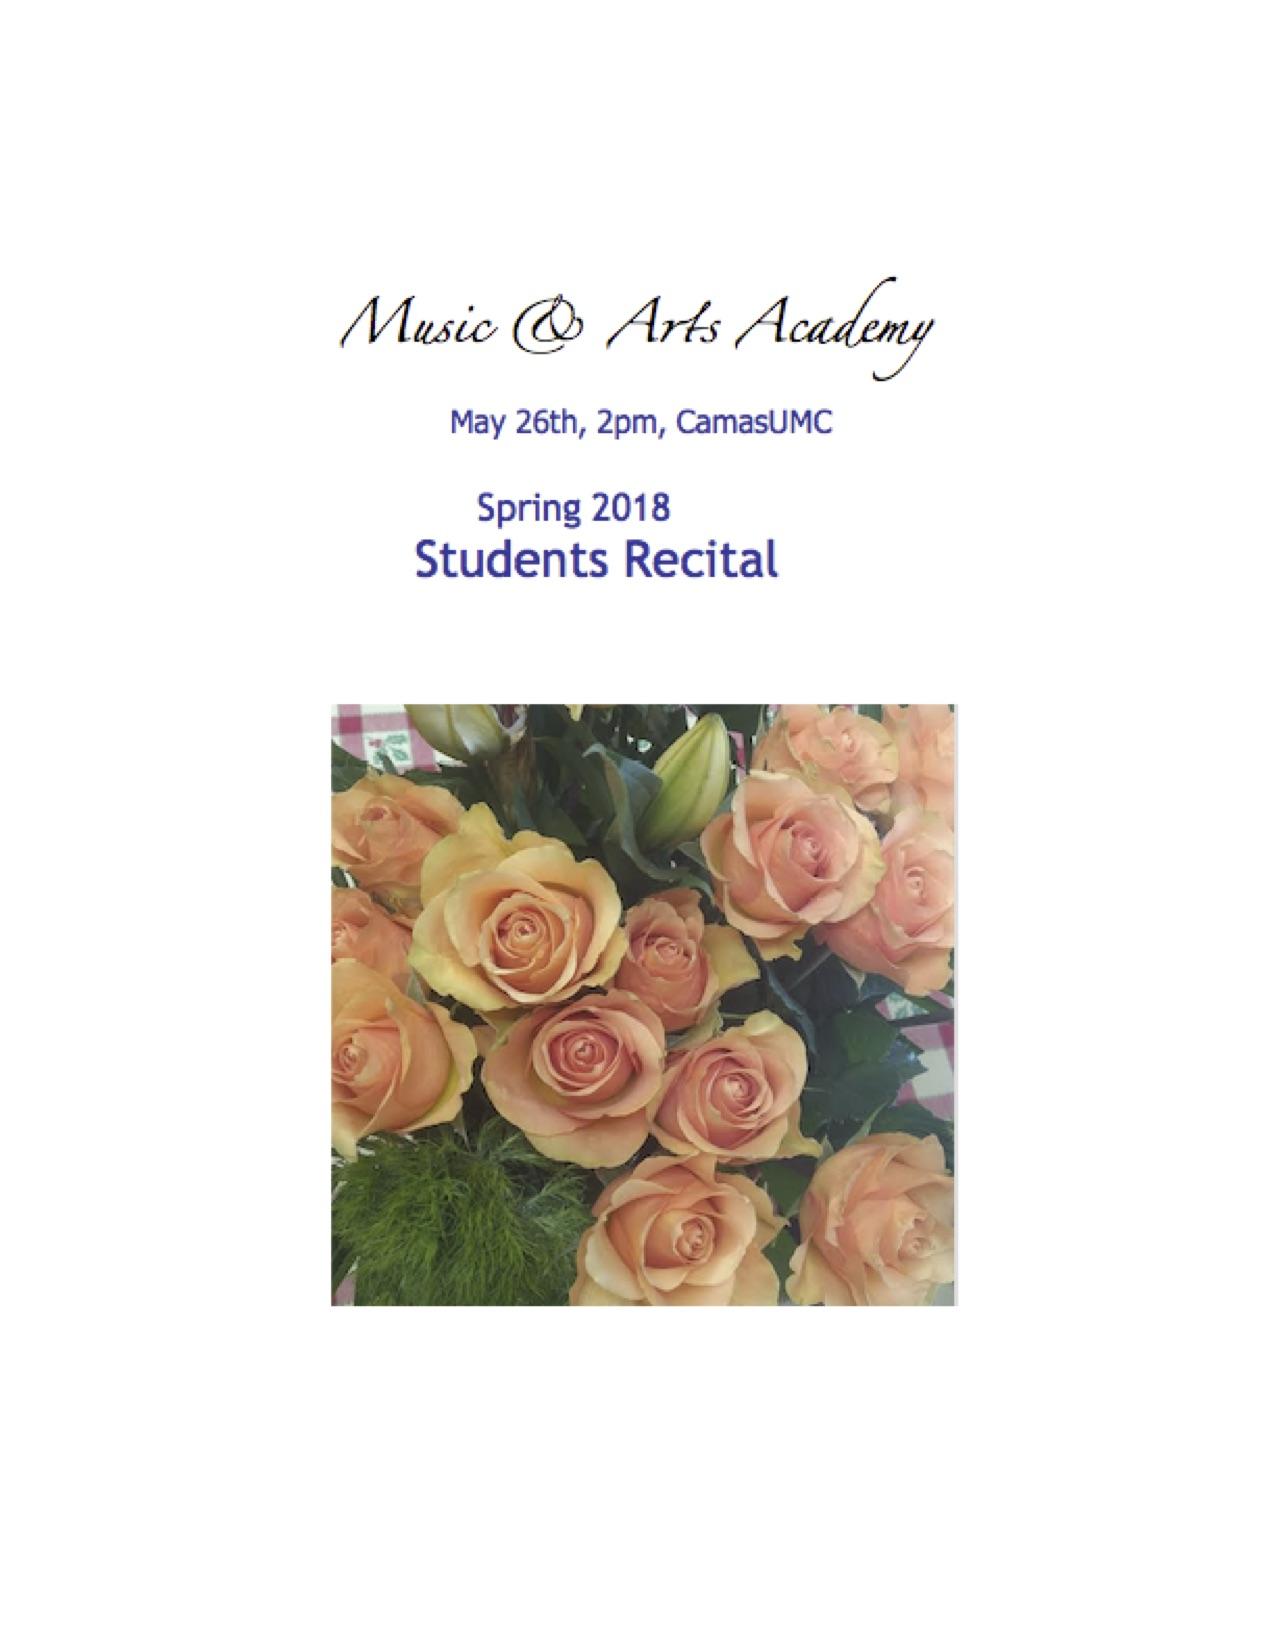 Spring2018StudentsRecital_flyer